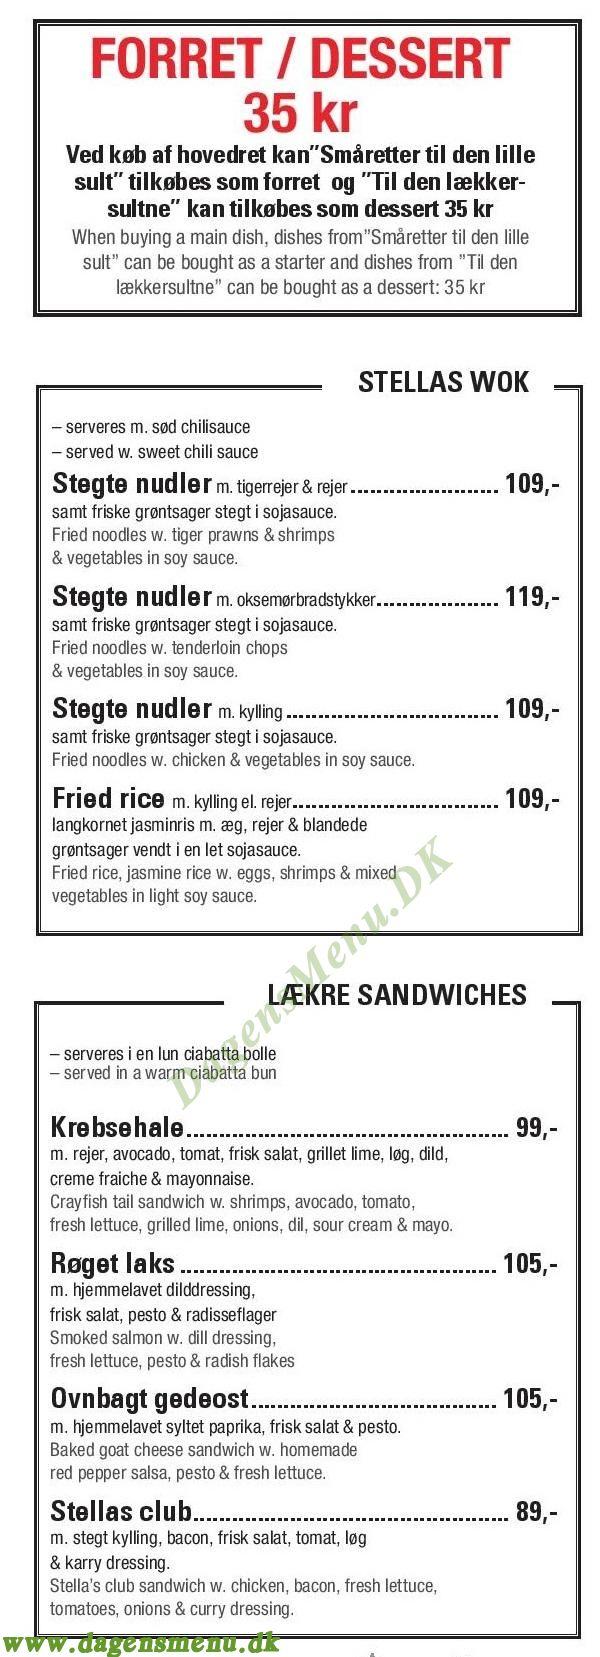 Café Stella - Menukort